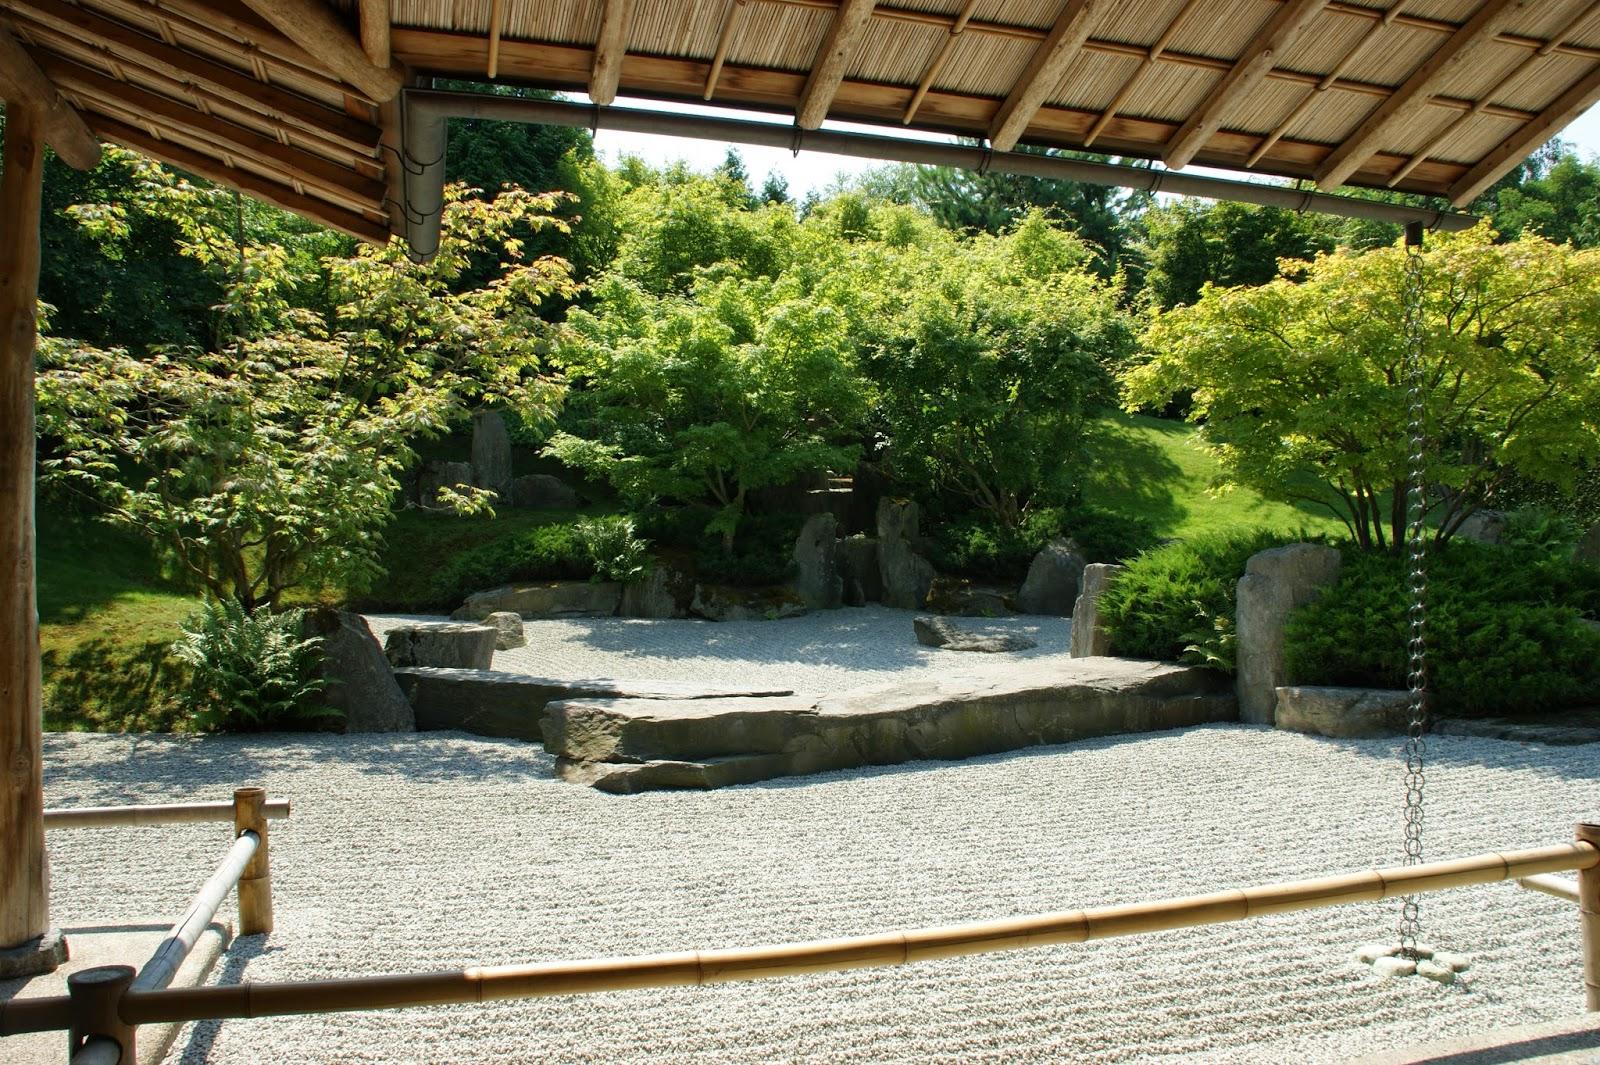 Giardino Zen Berlino : Parchi di berlino turisti a ogni costo